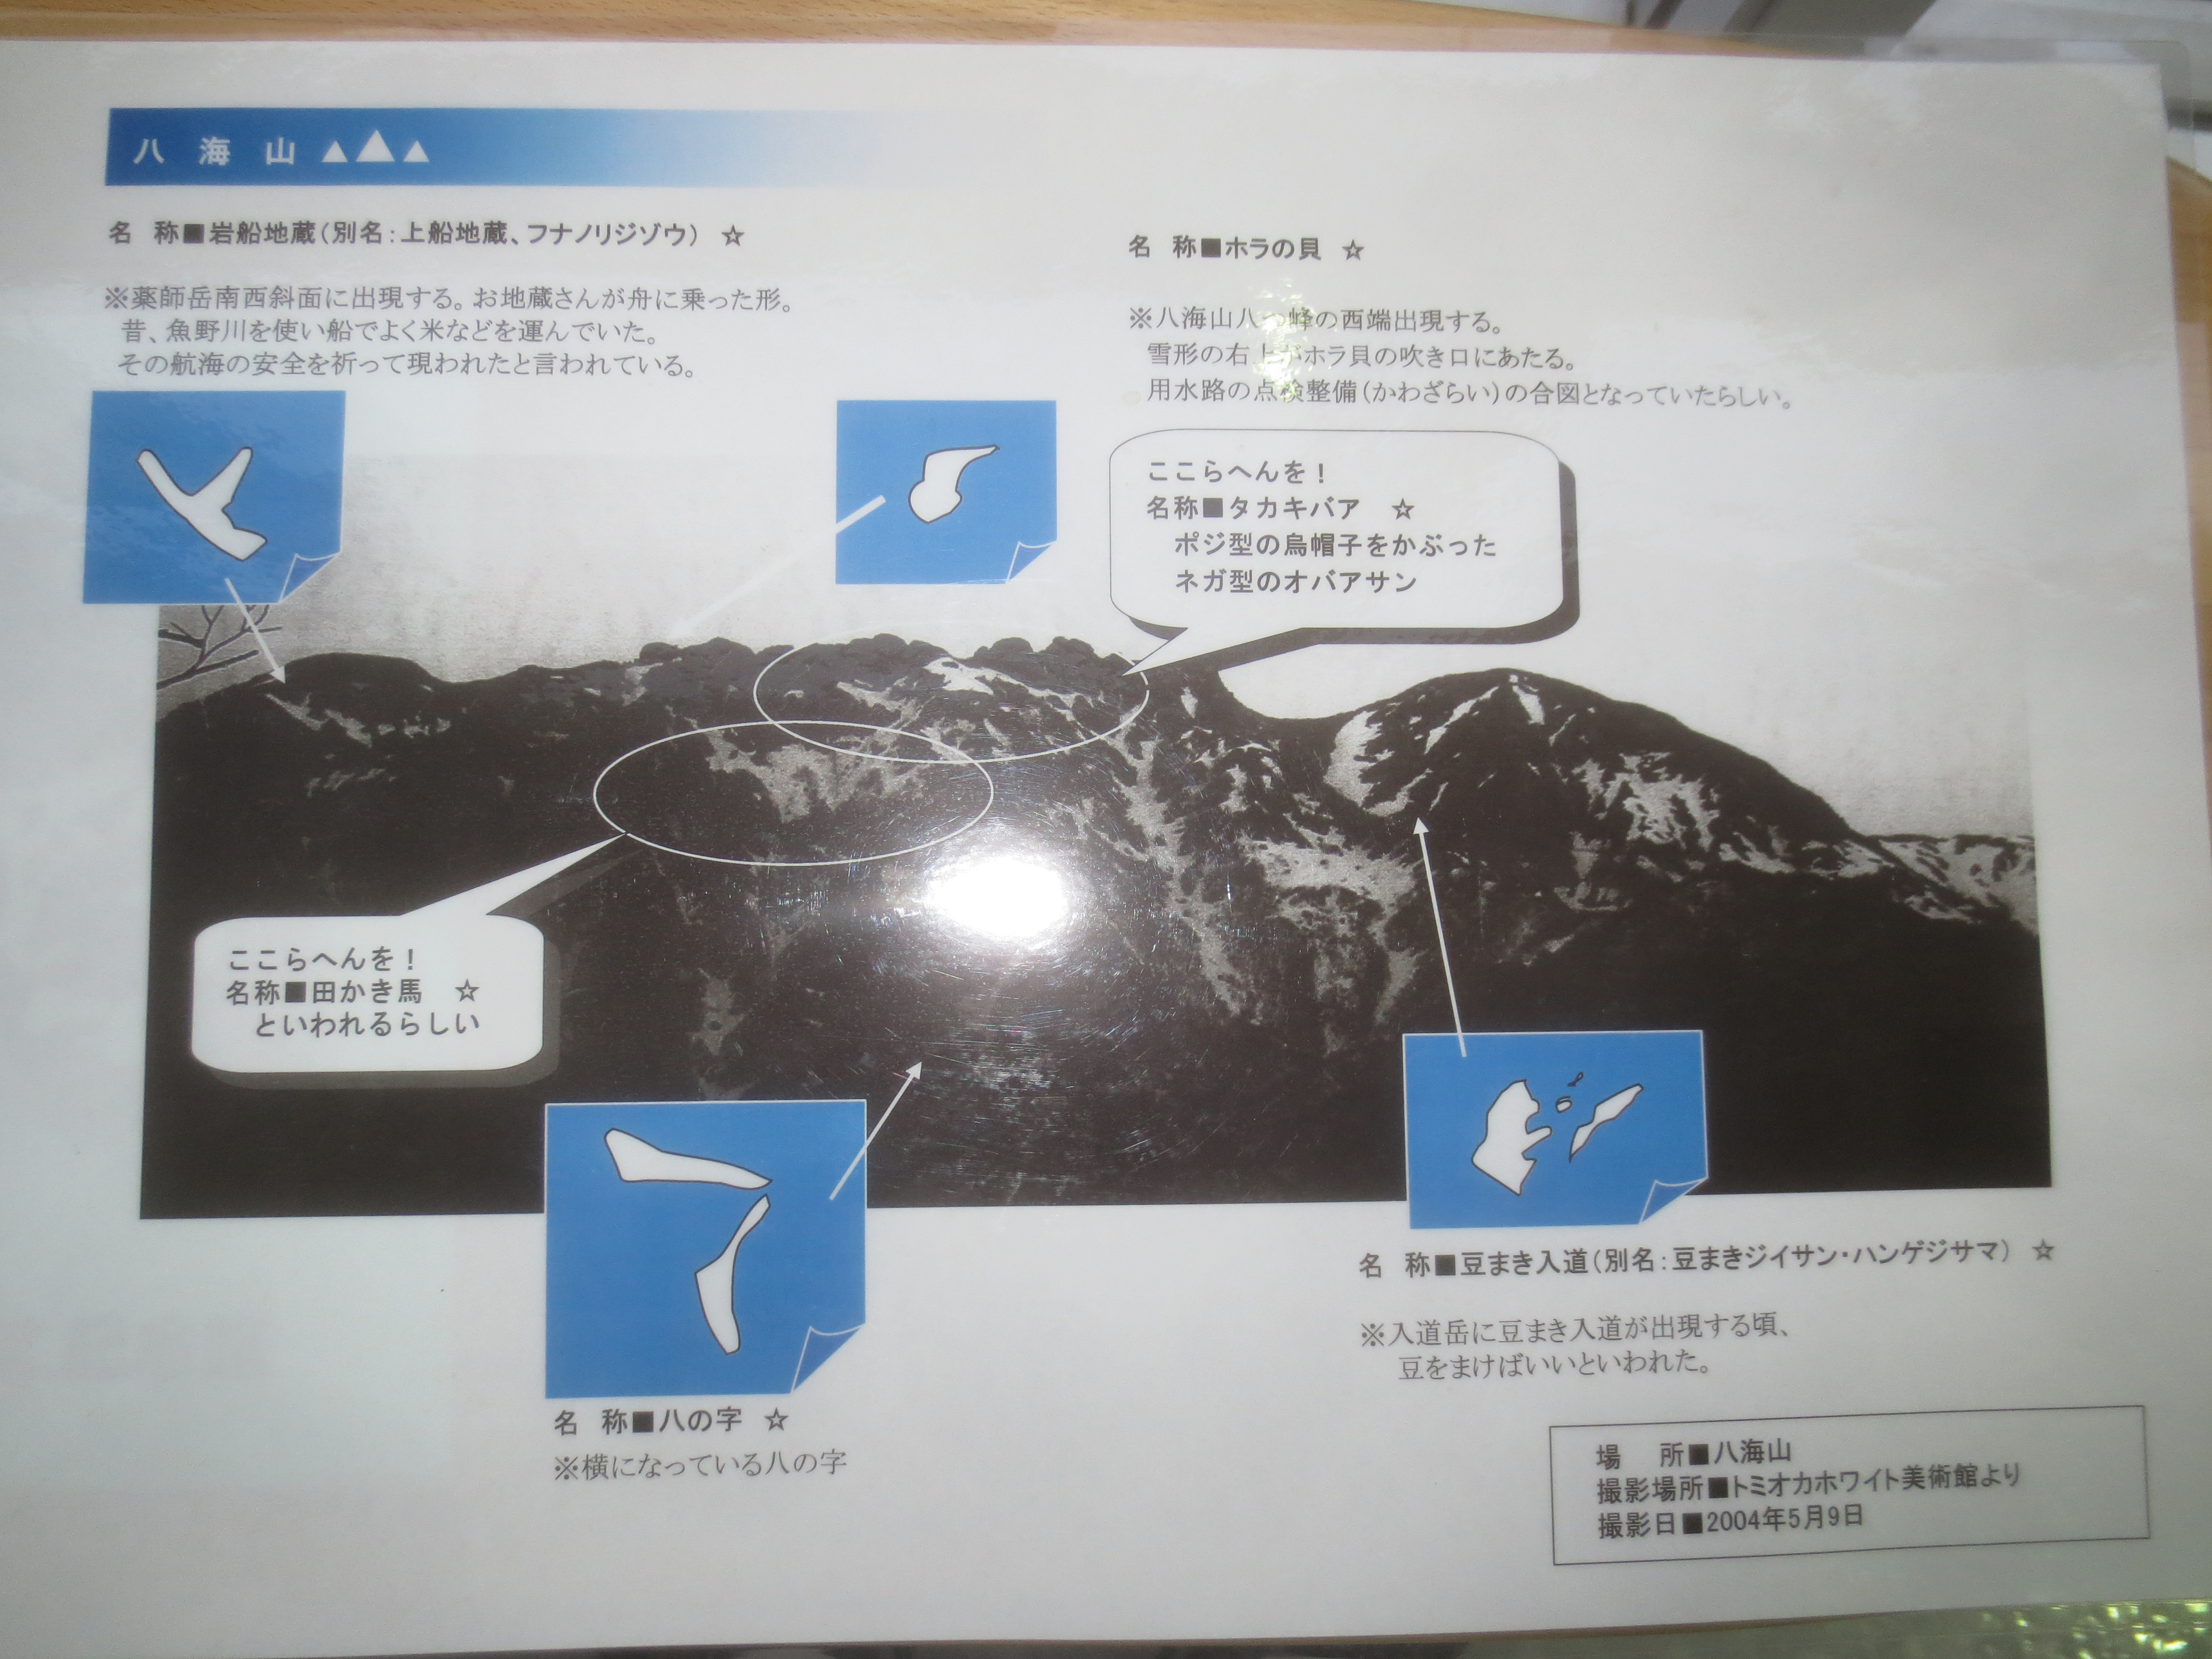 http://hakkaisan-photo.com/tomomiti/2016/04/30/28-4-30/IMG_2599.jpg